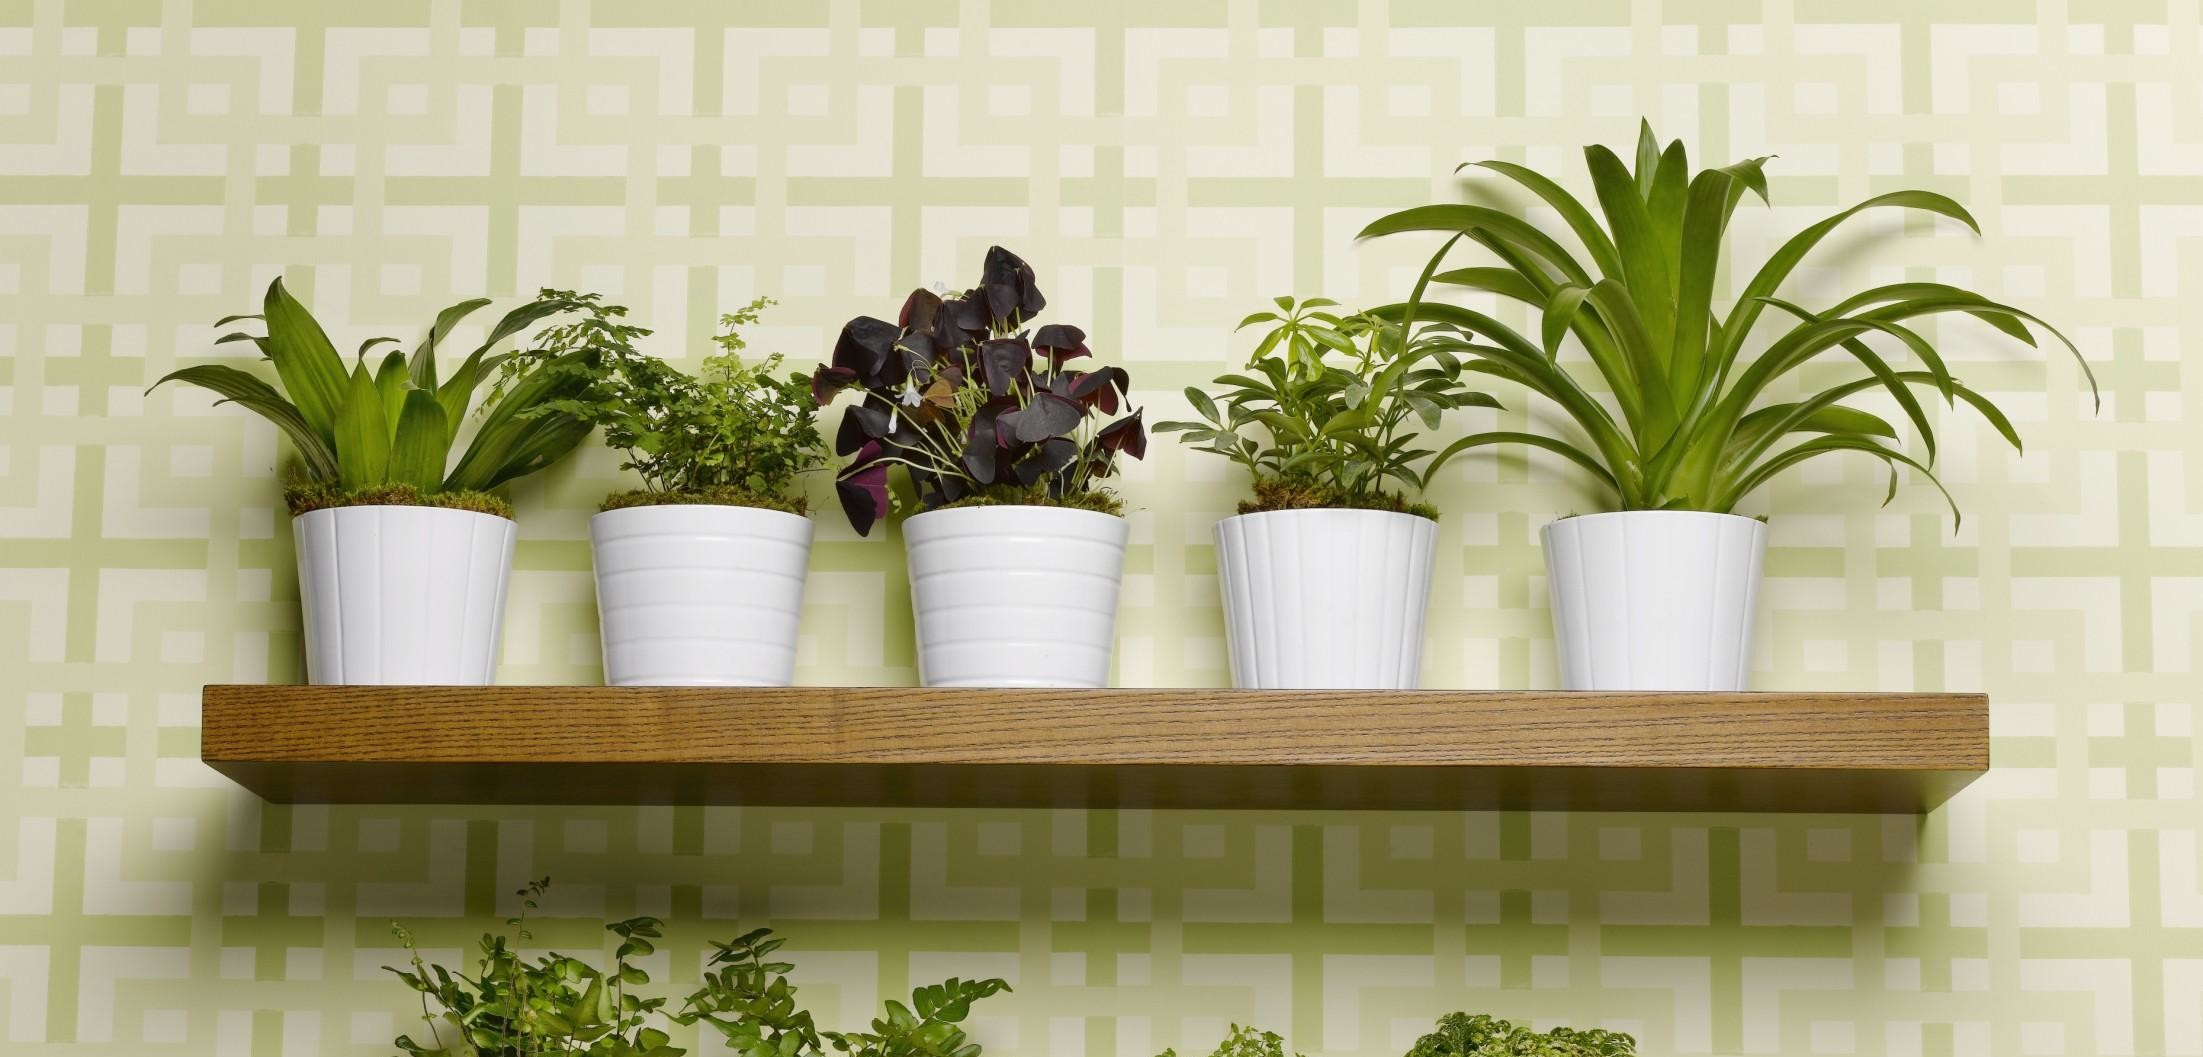 Piante Eleganti Da Appartamento le 7 piante che aiutano a depurare la casa - green.it